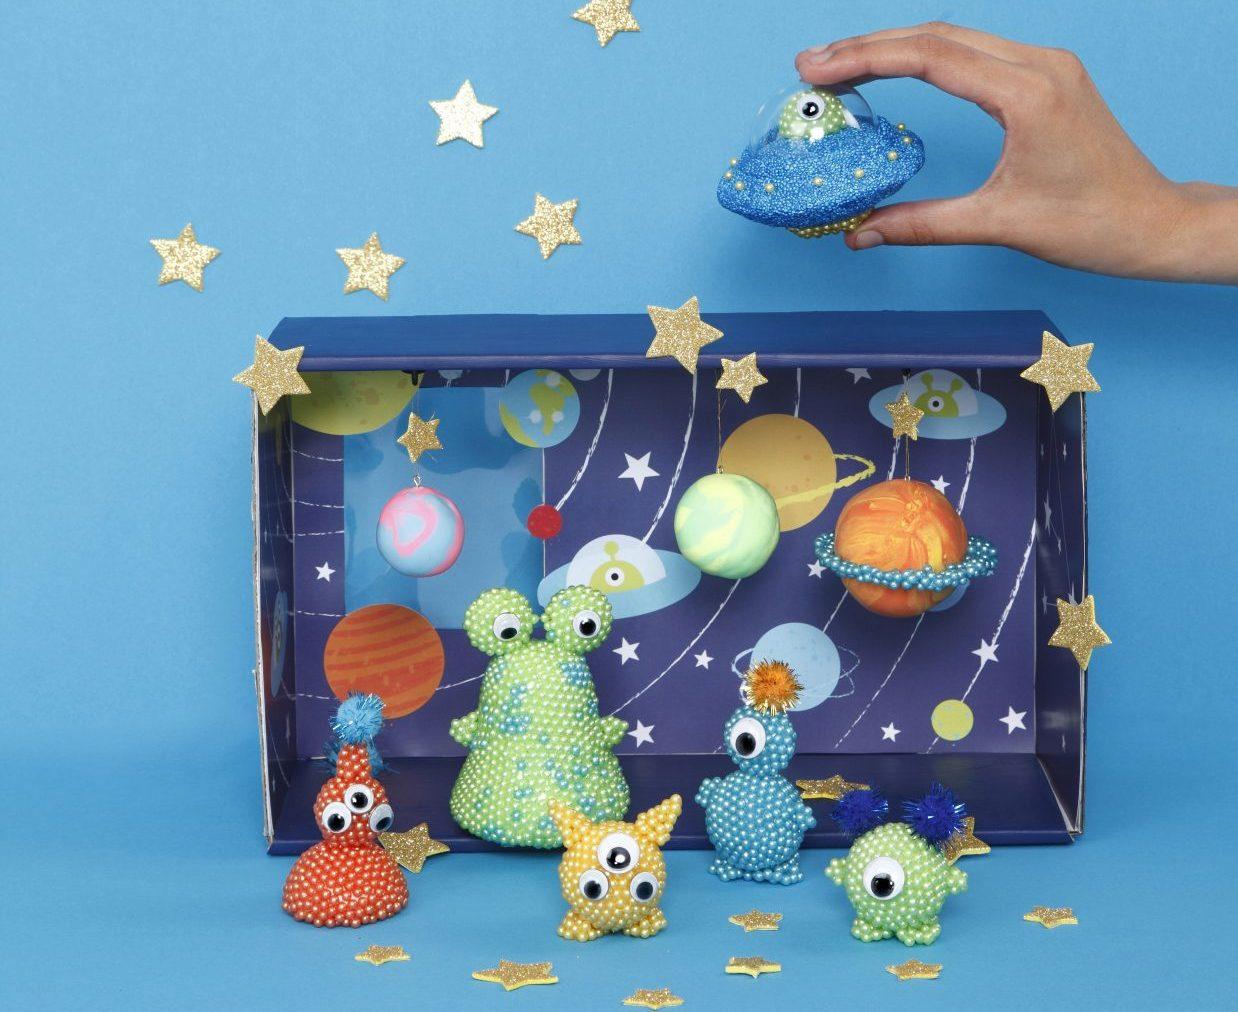 kreative idéer til børn, rumvæsner, inspiration til modellering